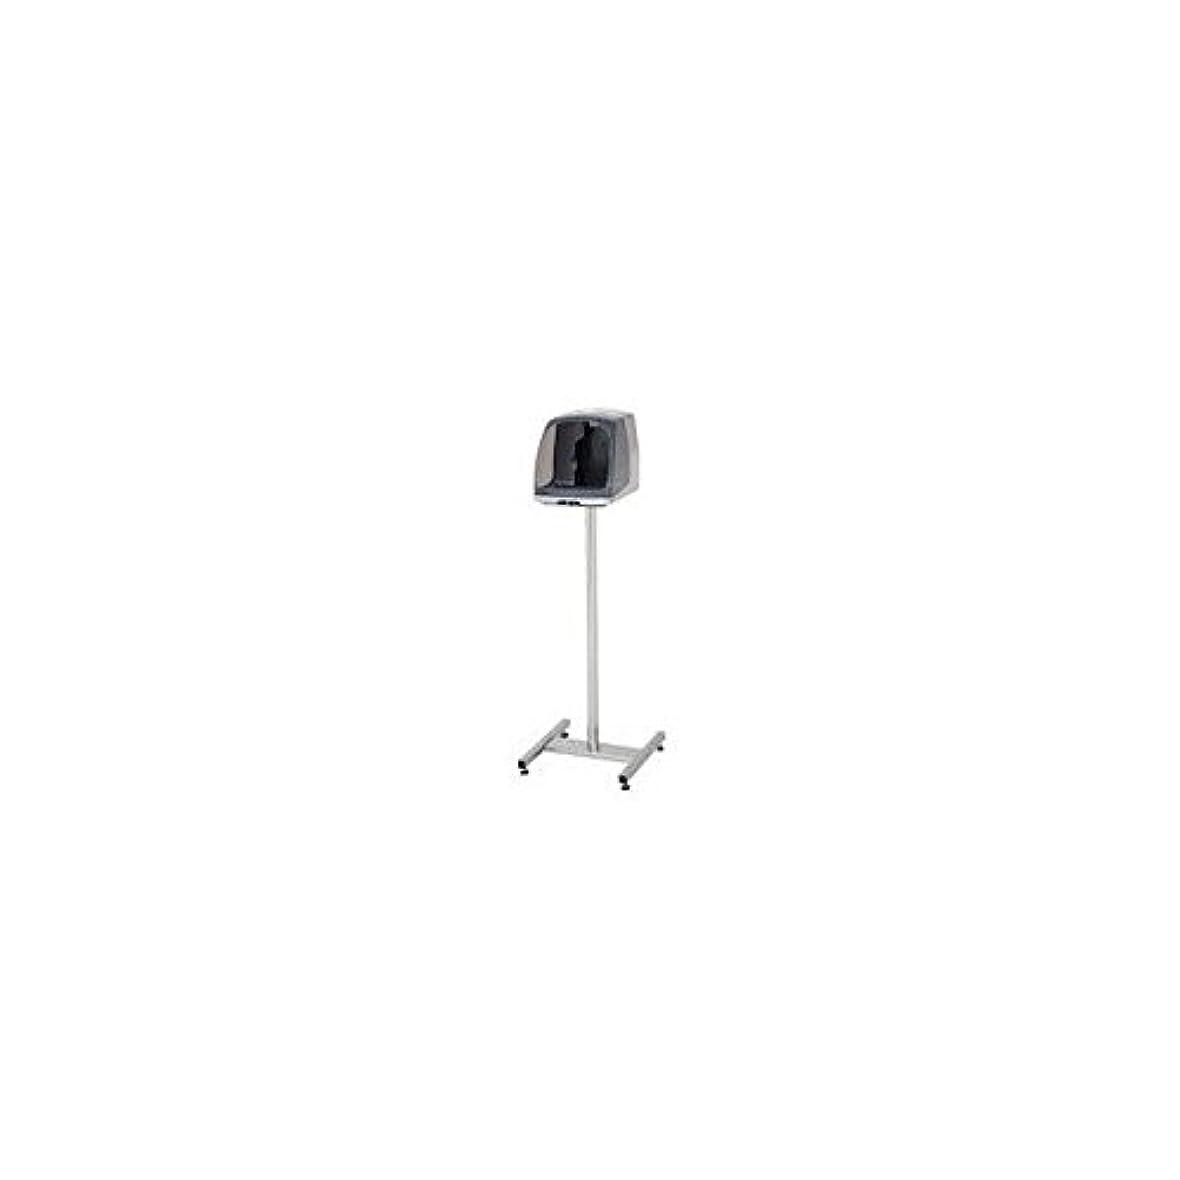 おばあさんダース摩擦自動手指消毒器 HDI-9000用 架台スタンド キャスターなし 【品番】XSY8501